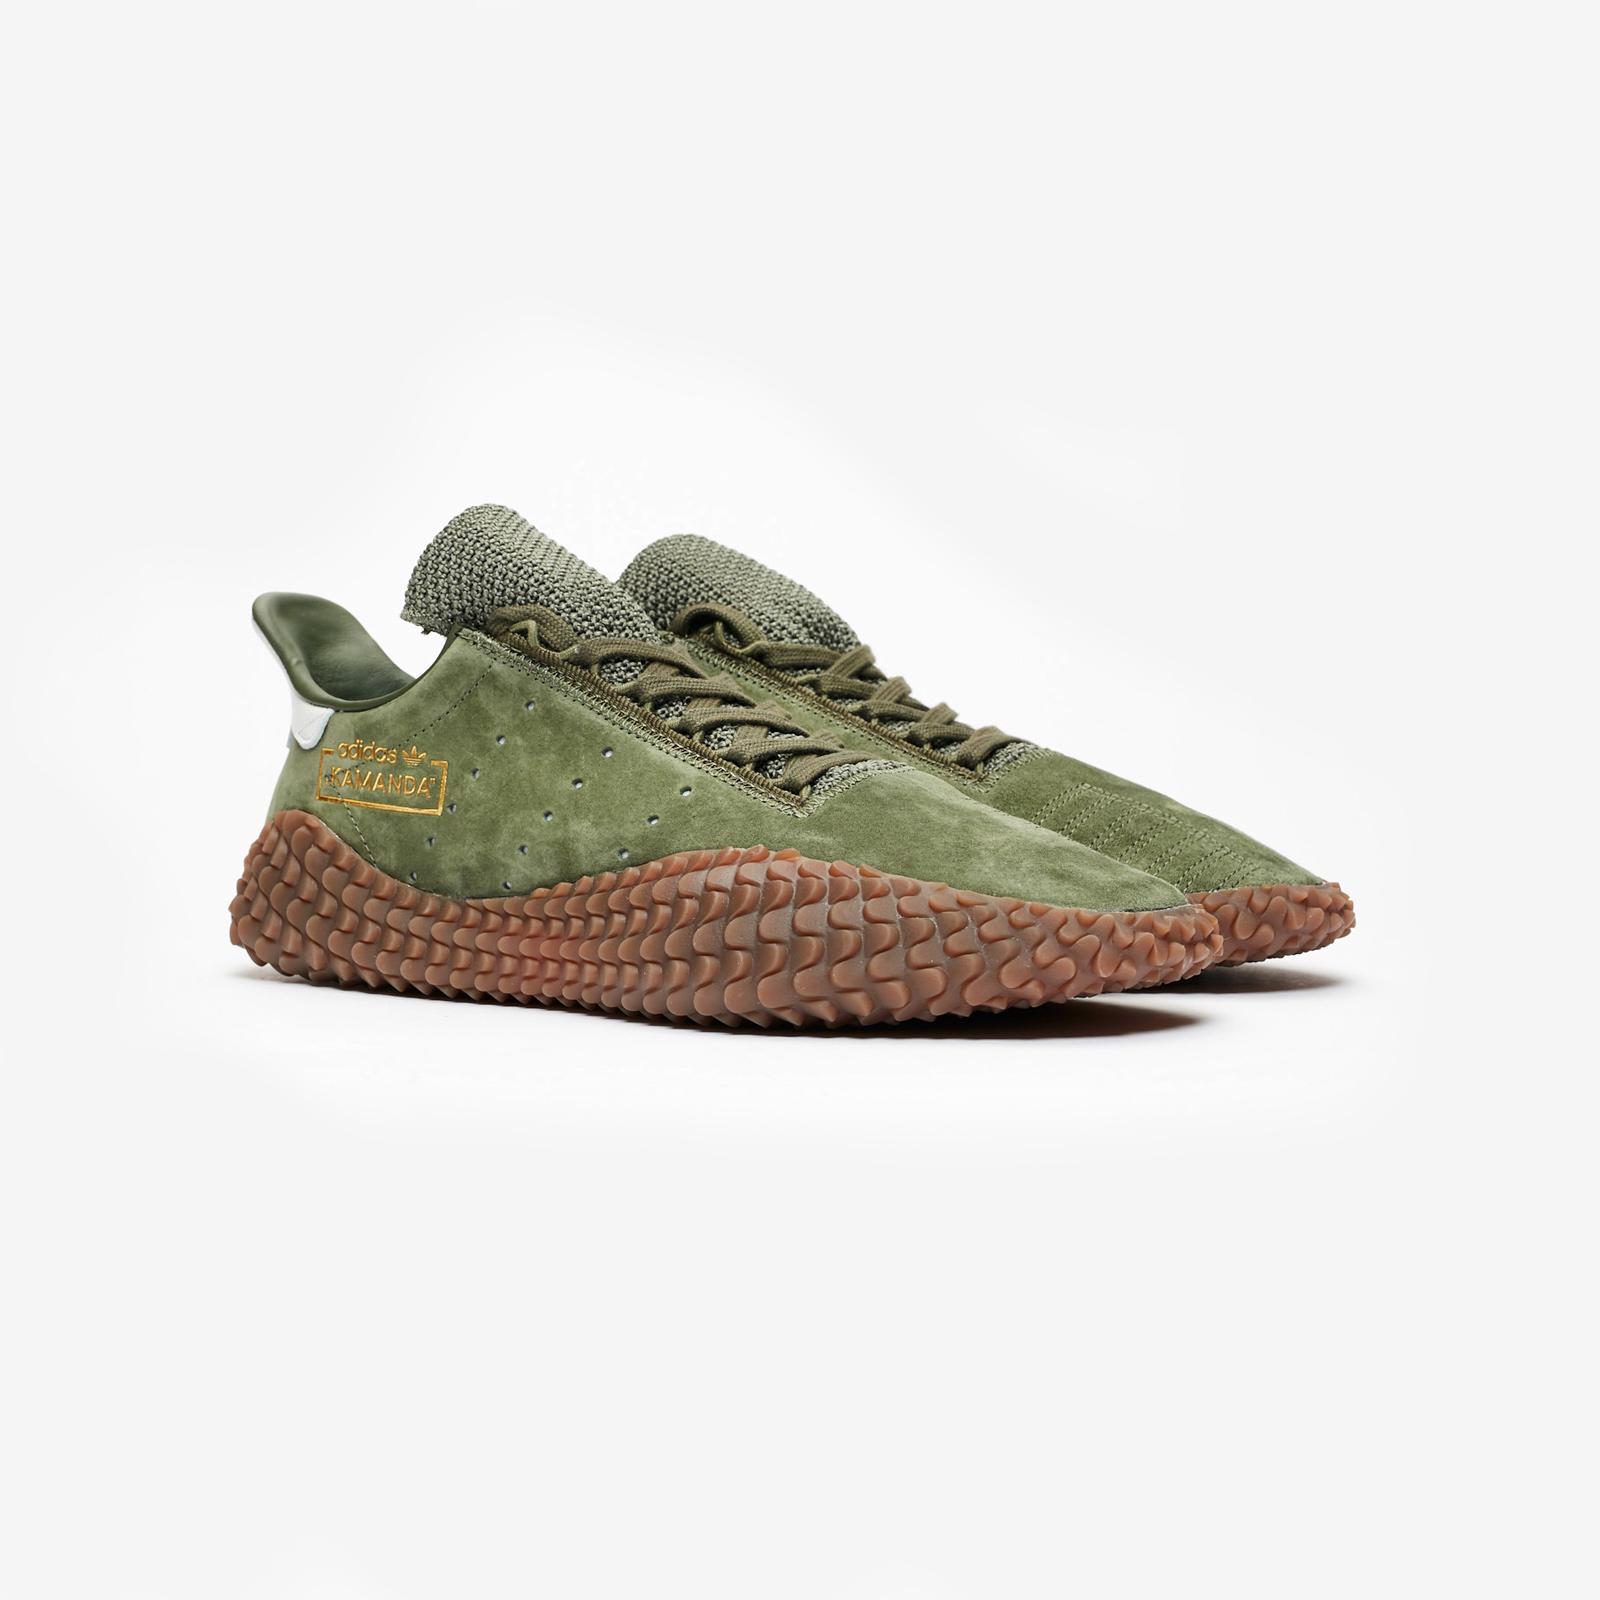 adidas Kamanda 01 - B96521 - Sneakersnstuff | sneakers ...